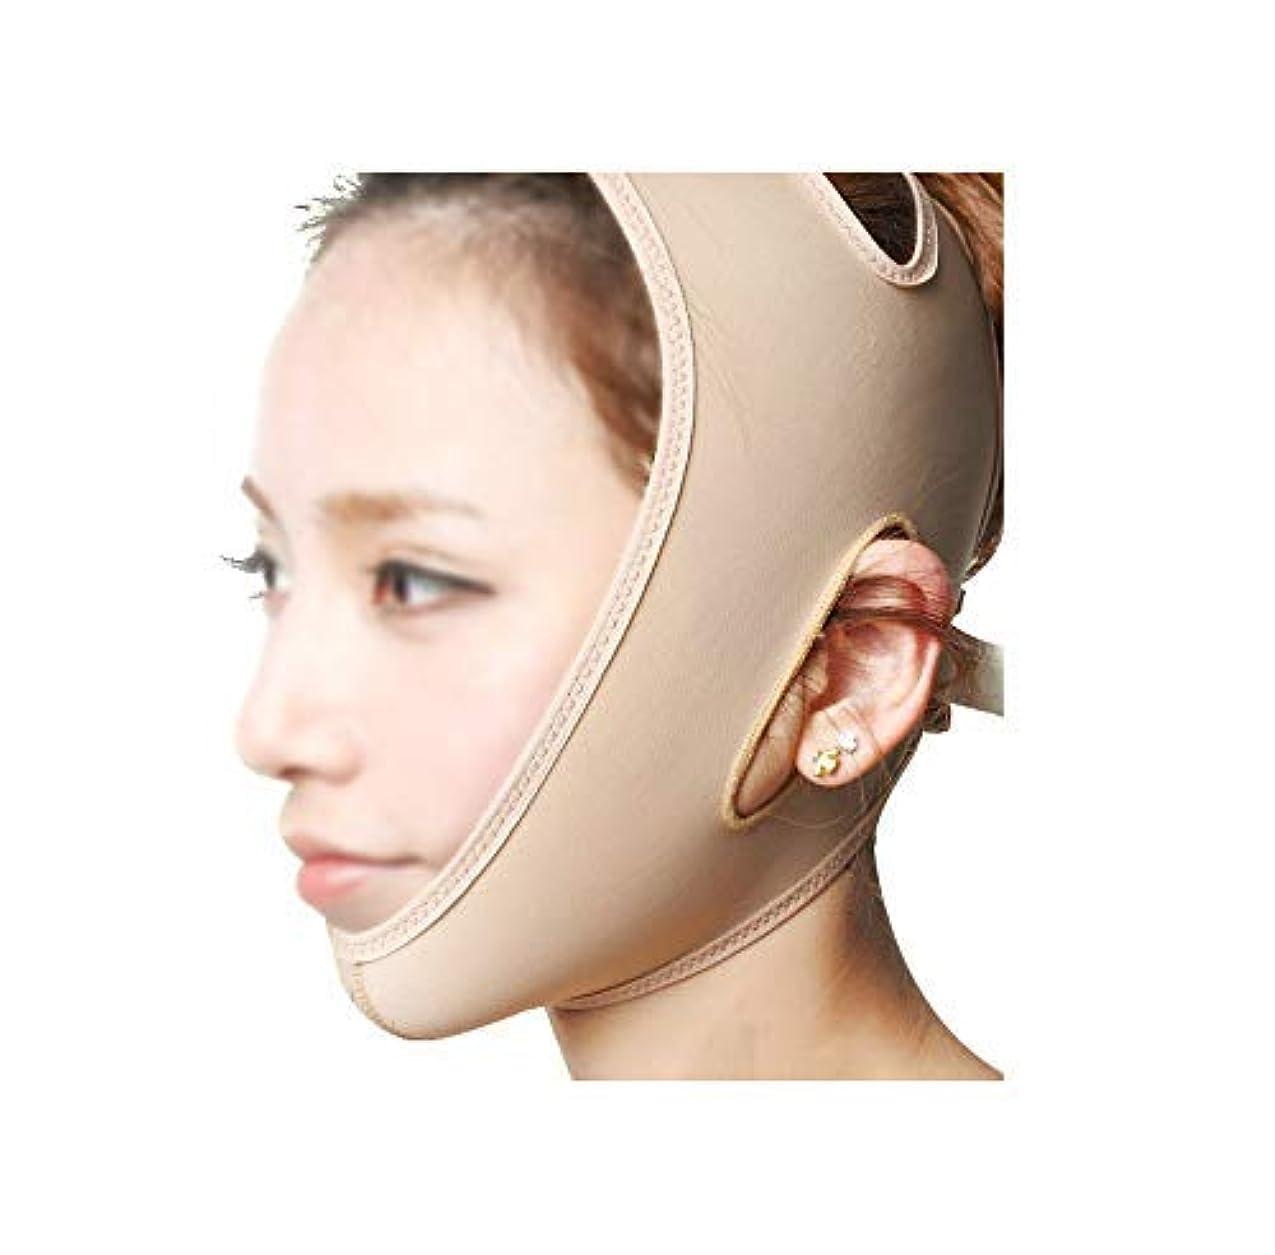 として算術ゲームフェイスリフティングバンデージ、フェイスマスク3Dパネルデザイン、通気性に優れたライクラ素材の物理的なVフェイス、美しい顔の輪郭の作成(サイズ:S),S